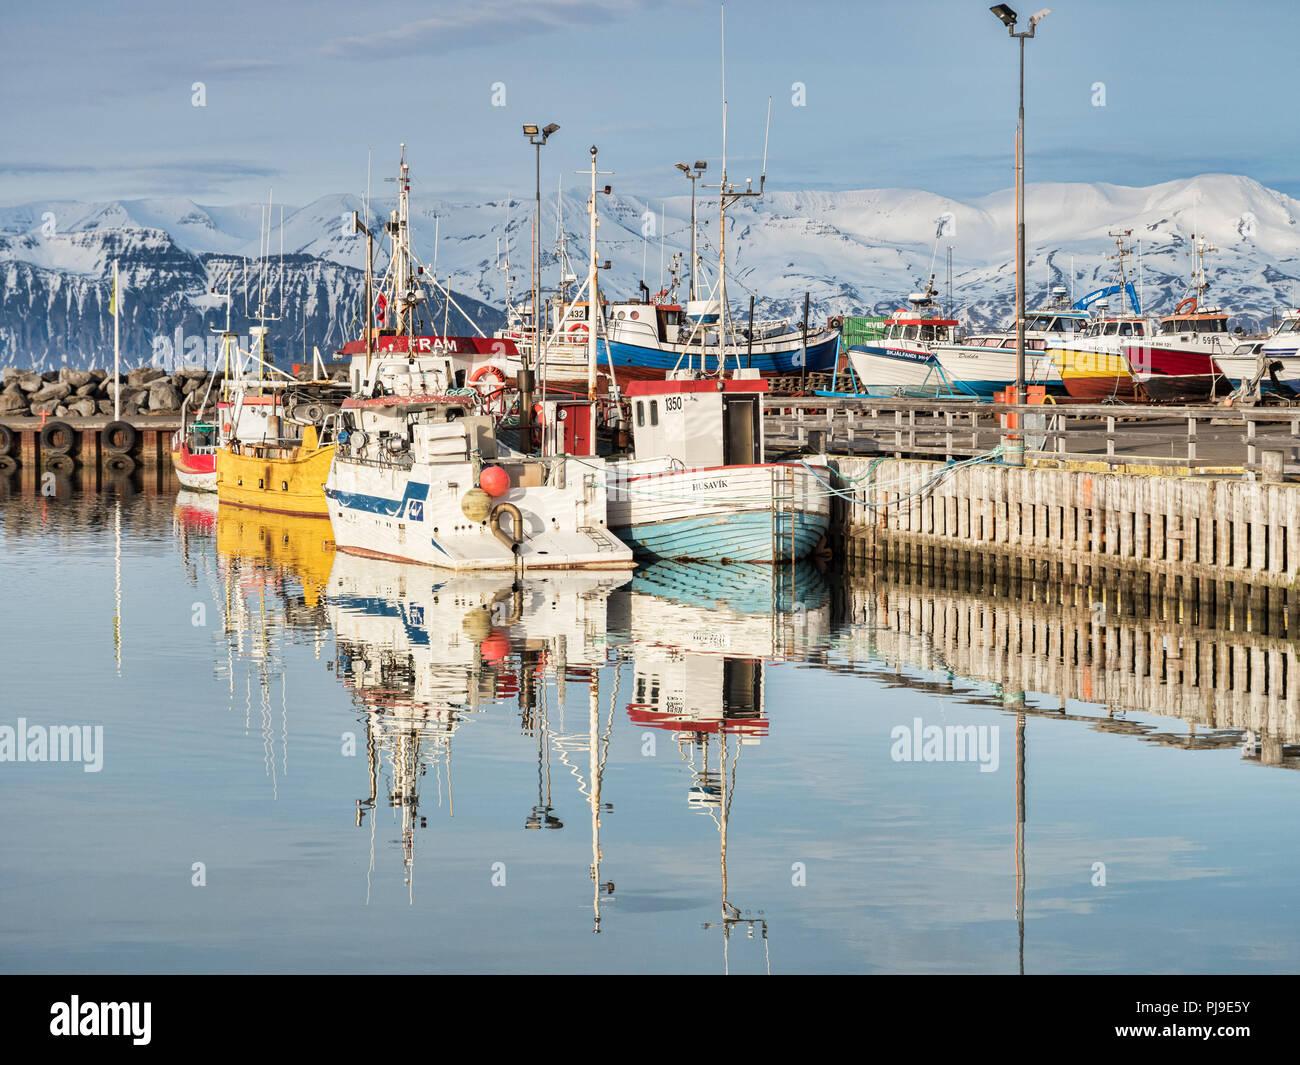 13 Aprile 2018: Husavik, Nord Islanda - barche da pesca nel porto in una luminosa giornata di primavera. Immagini Stock